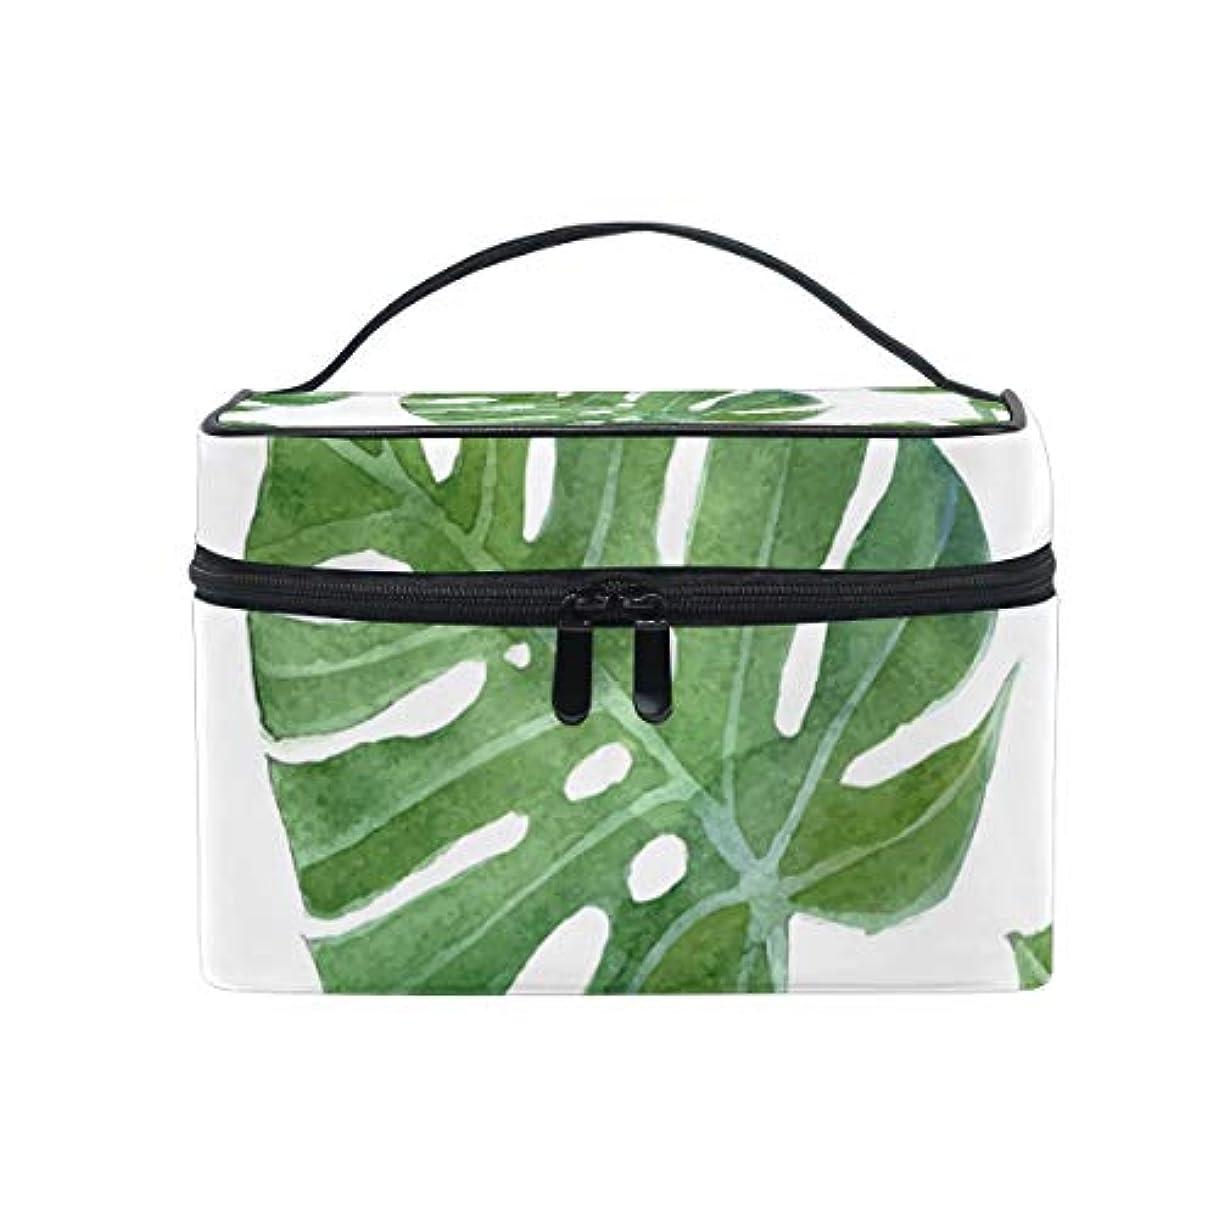 経験オートメーション組み合わせユキオ(UKIO) メイクポーチ 大容量 シンプル かわいい 持ち運び 旅行 化粧ポーチ コスメバッグ 化粧品 ハワイ 葉 緑 レディース 収納ケース ポーチ 収納ボックス 化粧箱 メイクバッグ